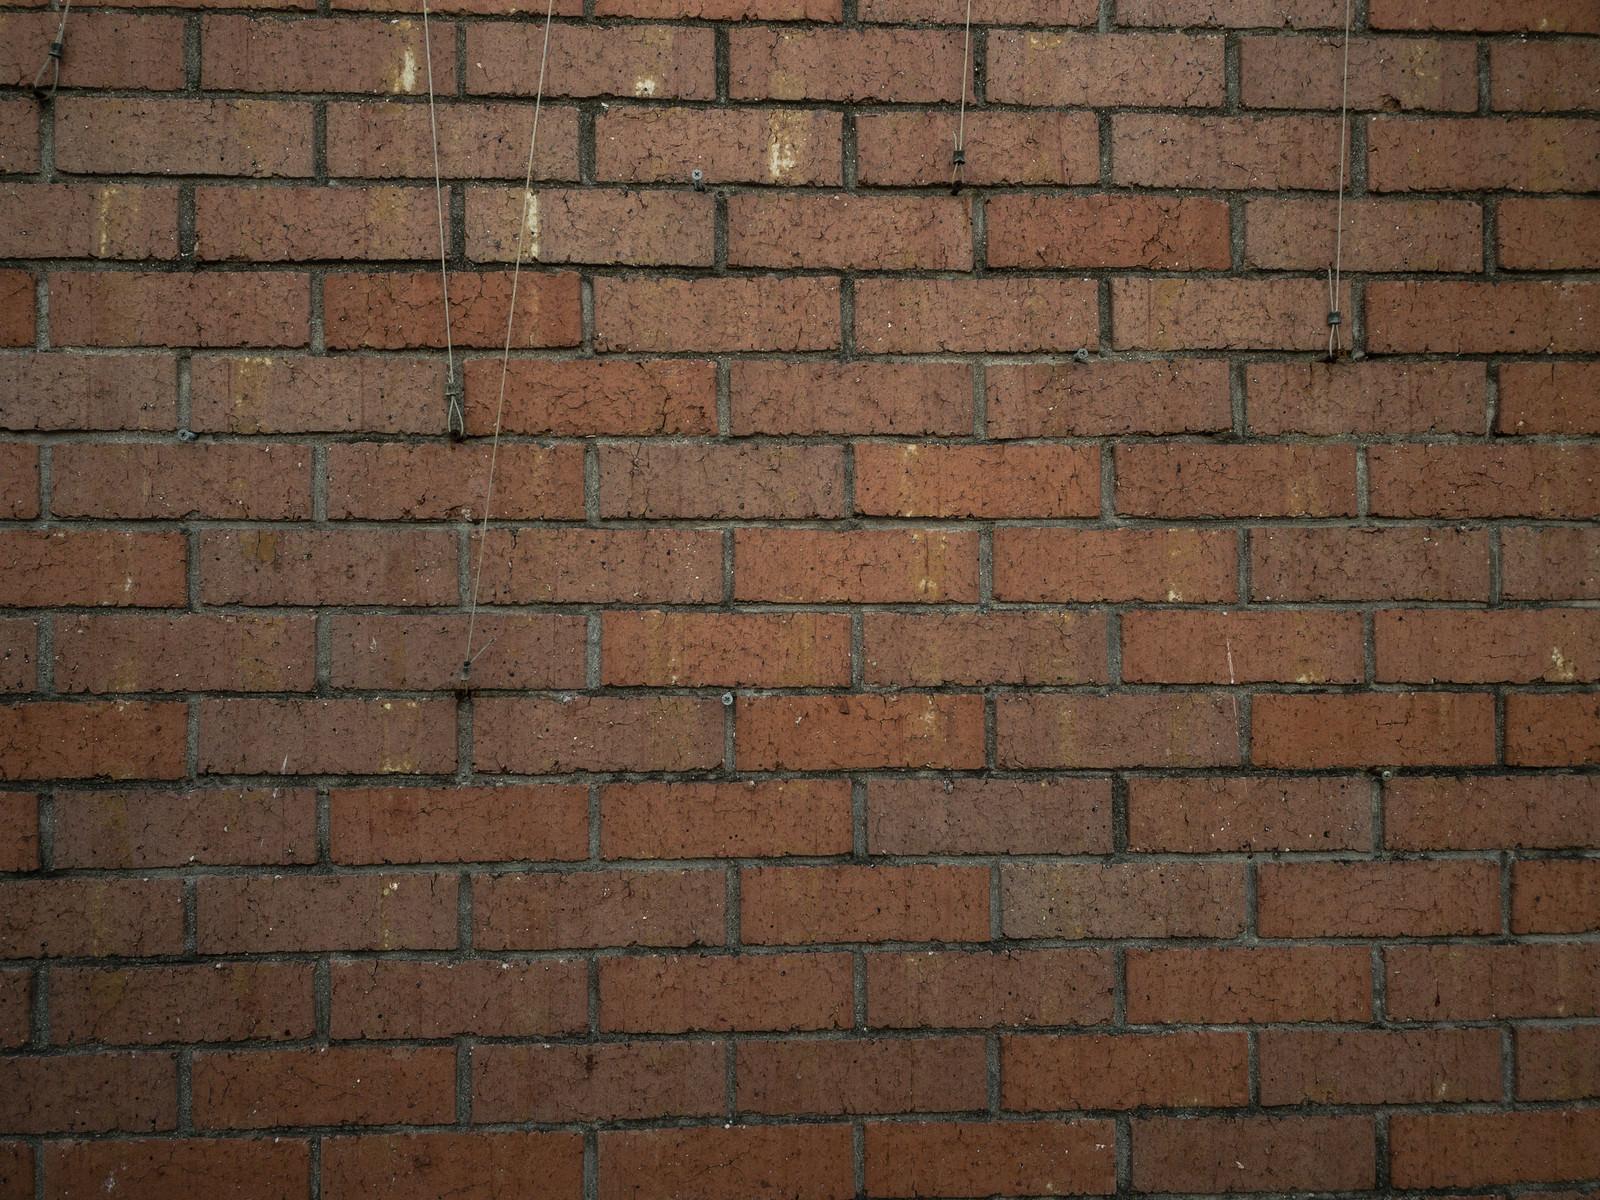 「レンガブロックの壁(テクスチャ)」の写真